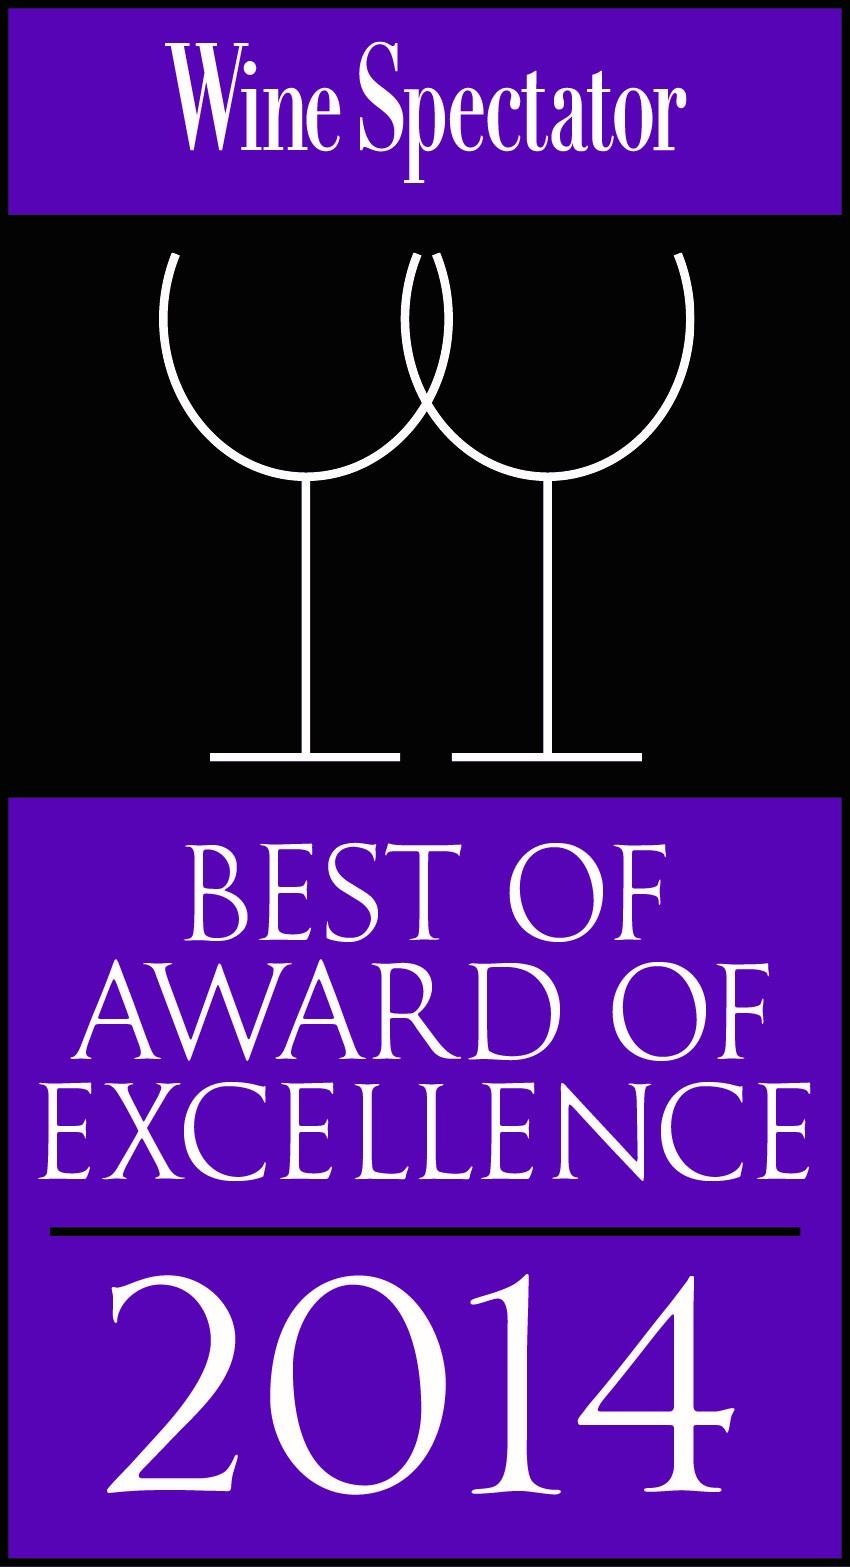 Wine Spectator Award 2014.jpg